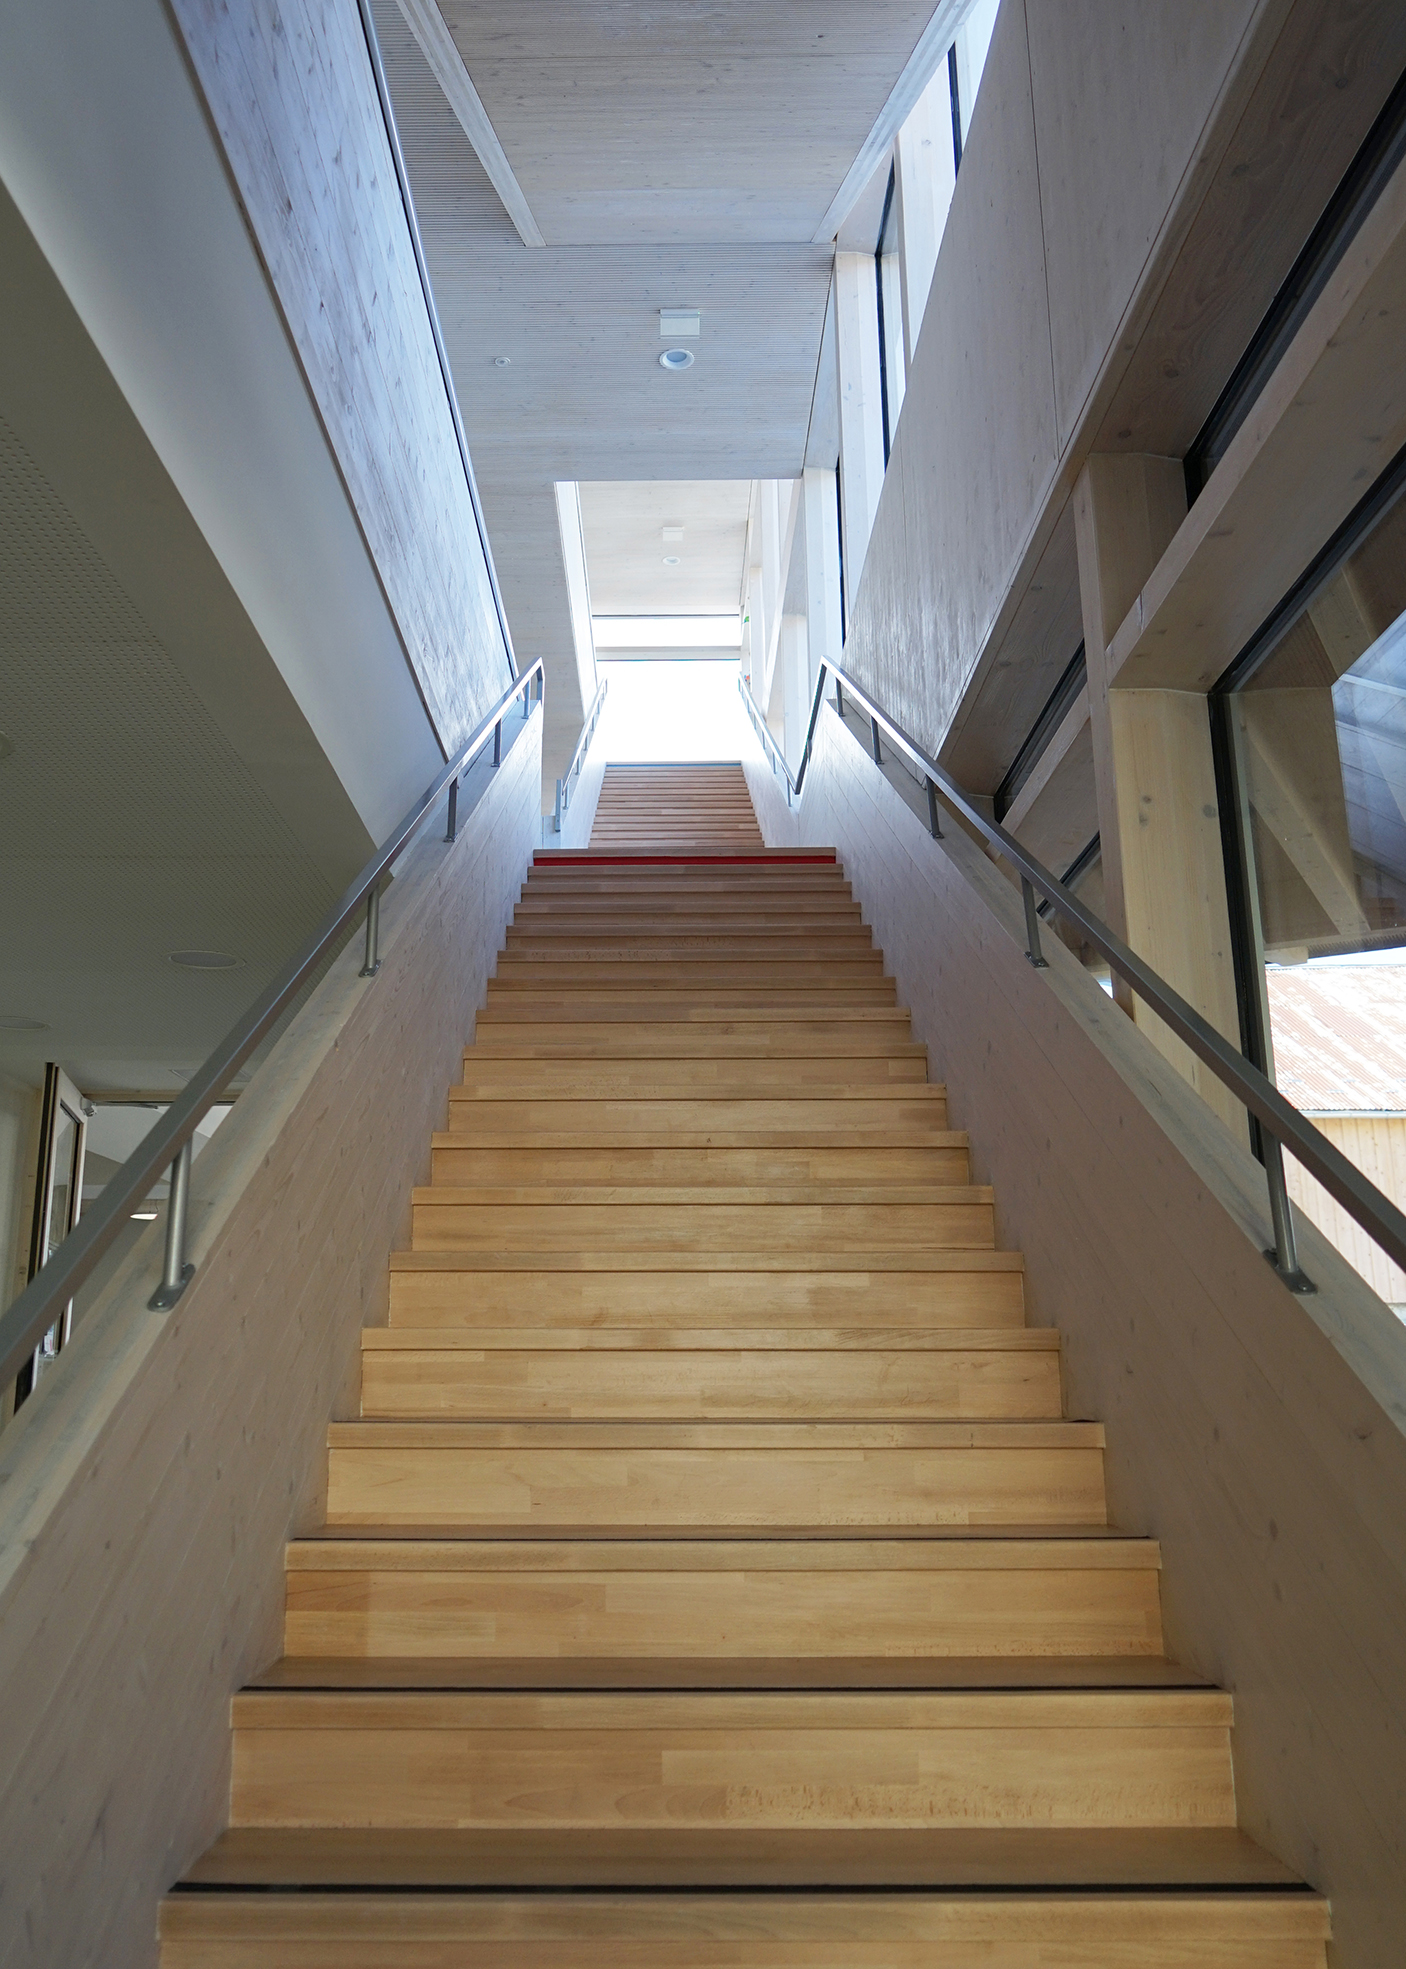 Ecole de BOGEVE | Architectes: GUYOT Nelly - VAUDAUX-RUTH Bernard - POULET Olivier |